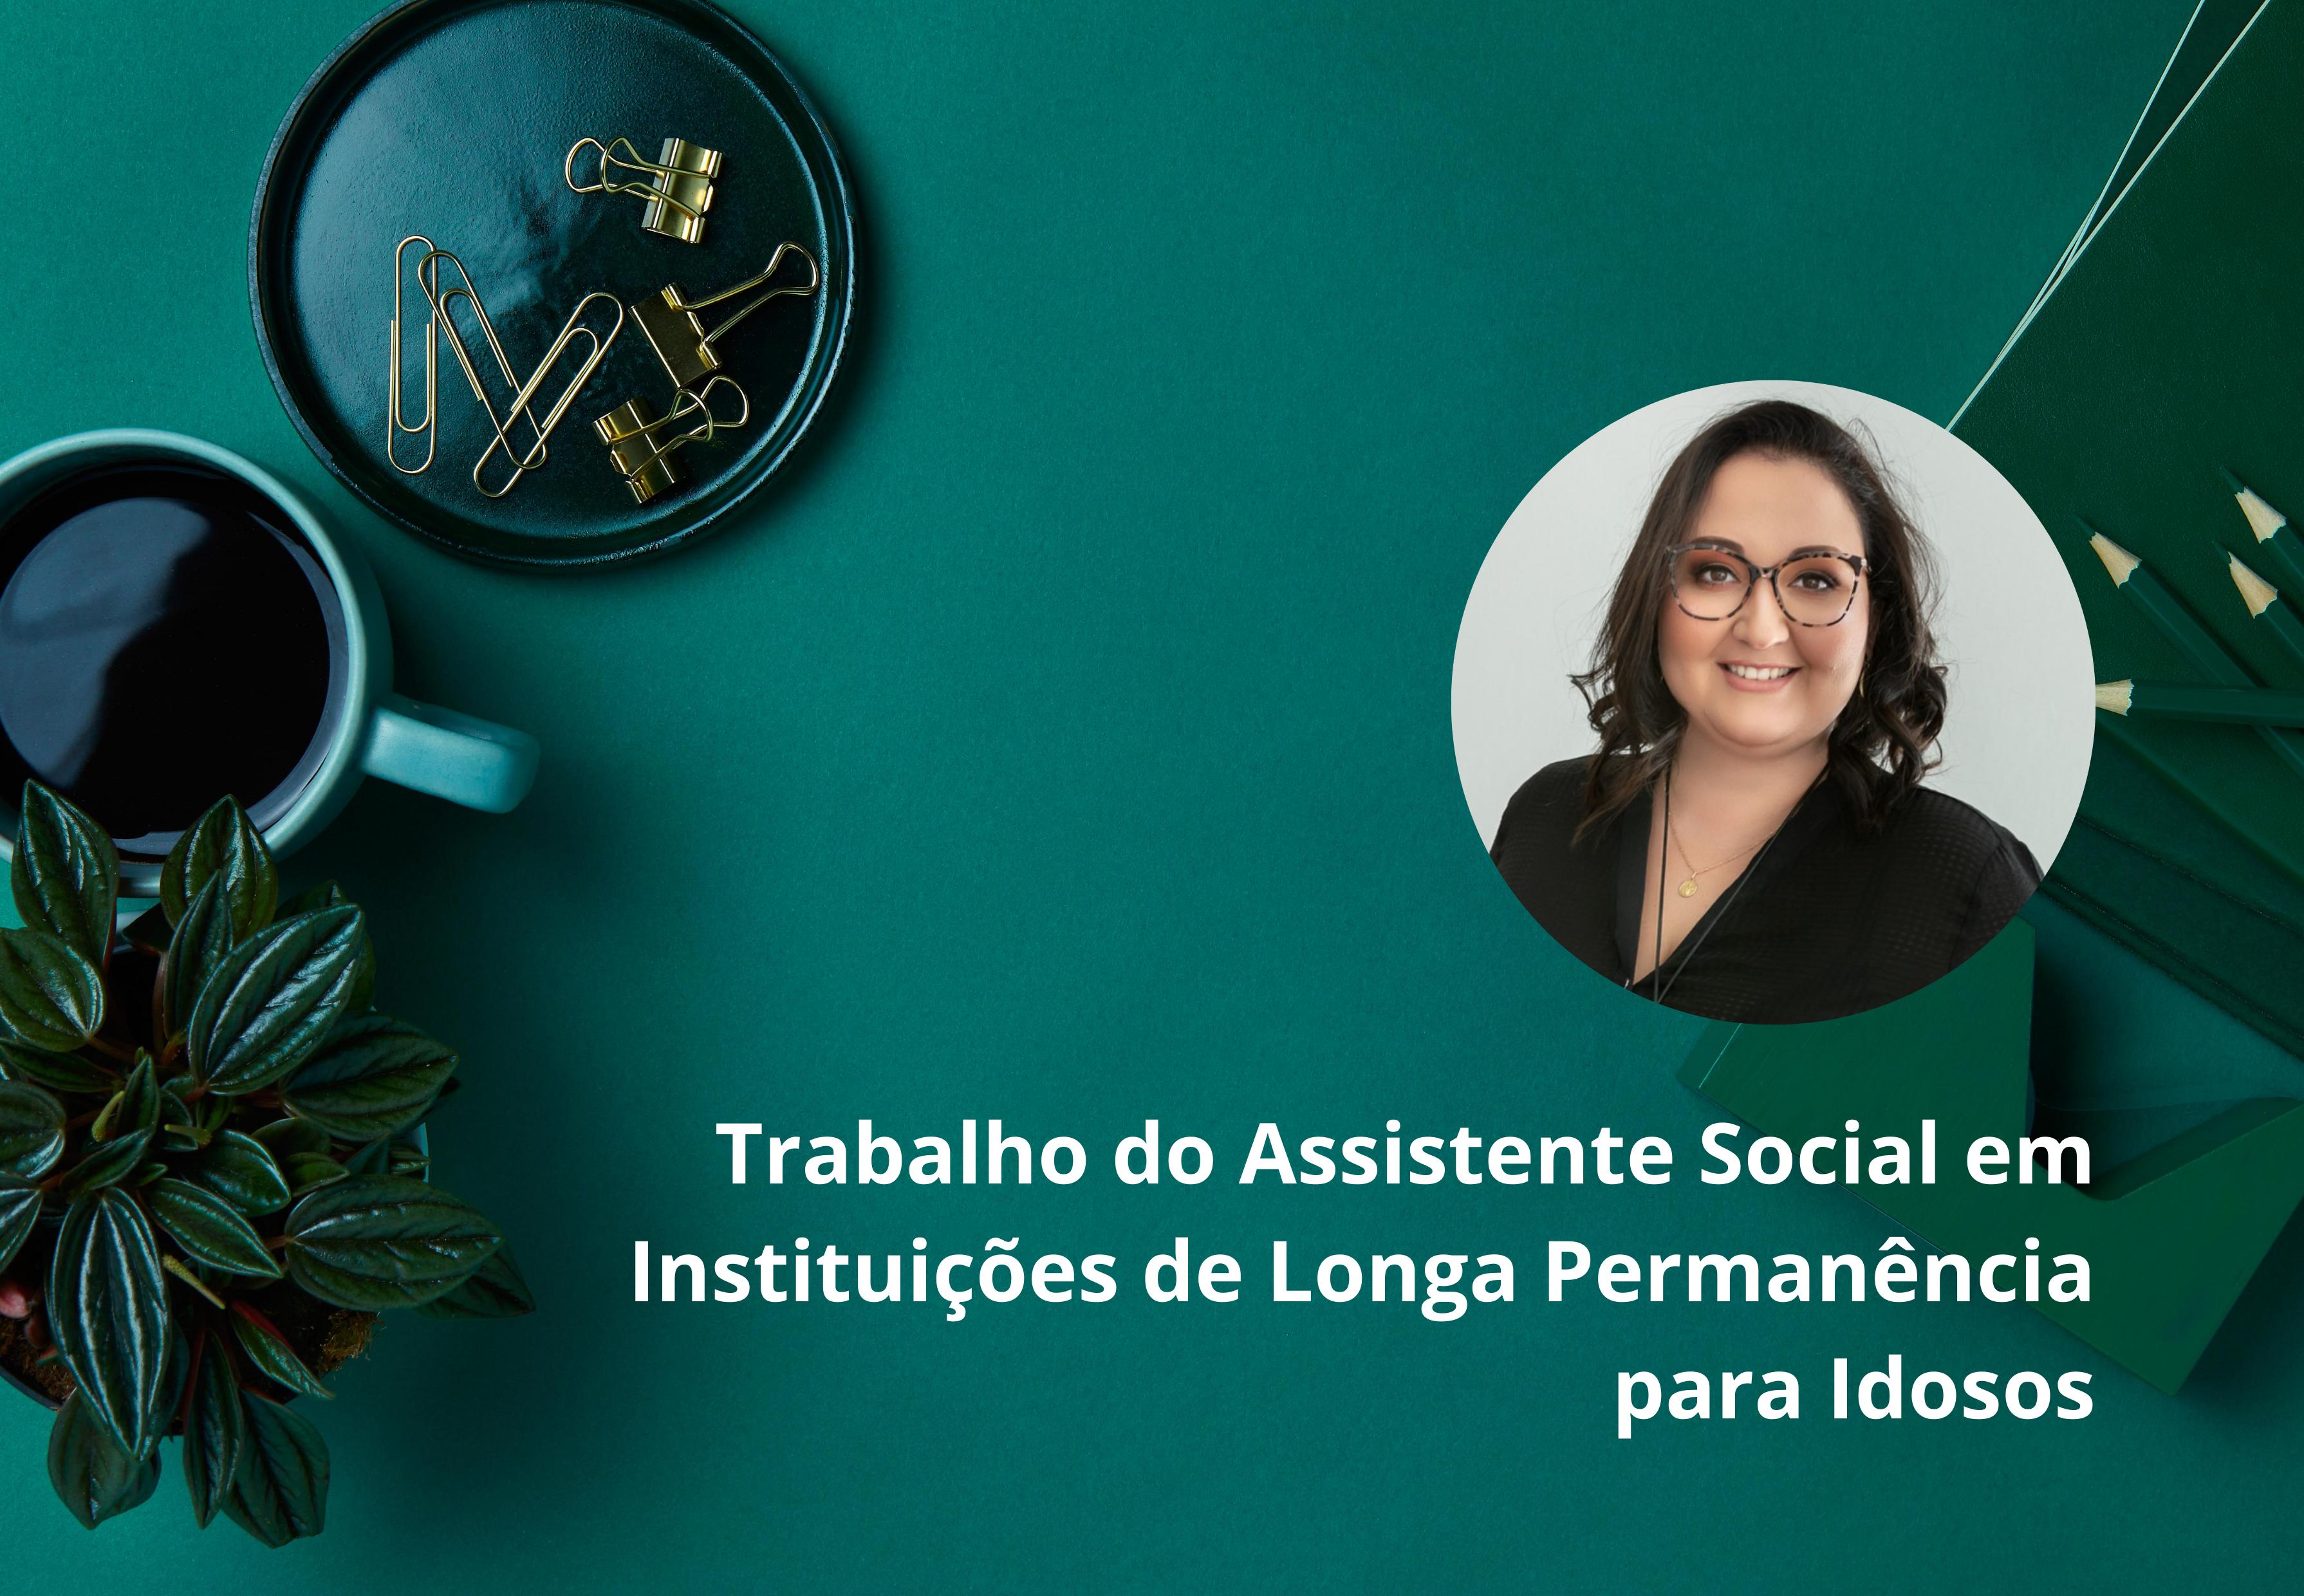 Trabalho do Assistente Social em Instituições de Longa Permanência para Idosos